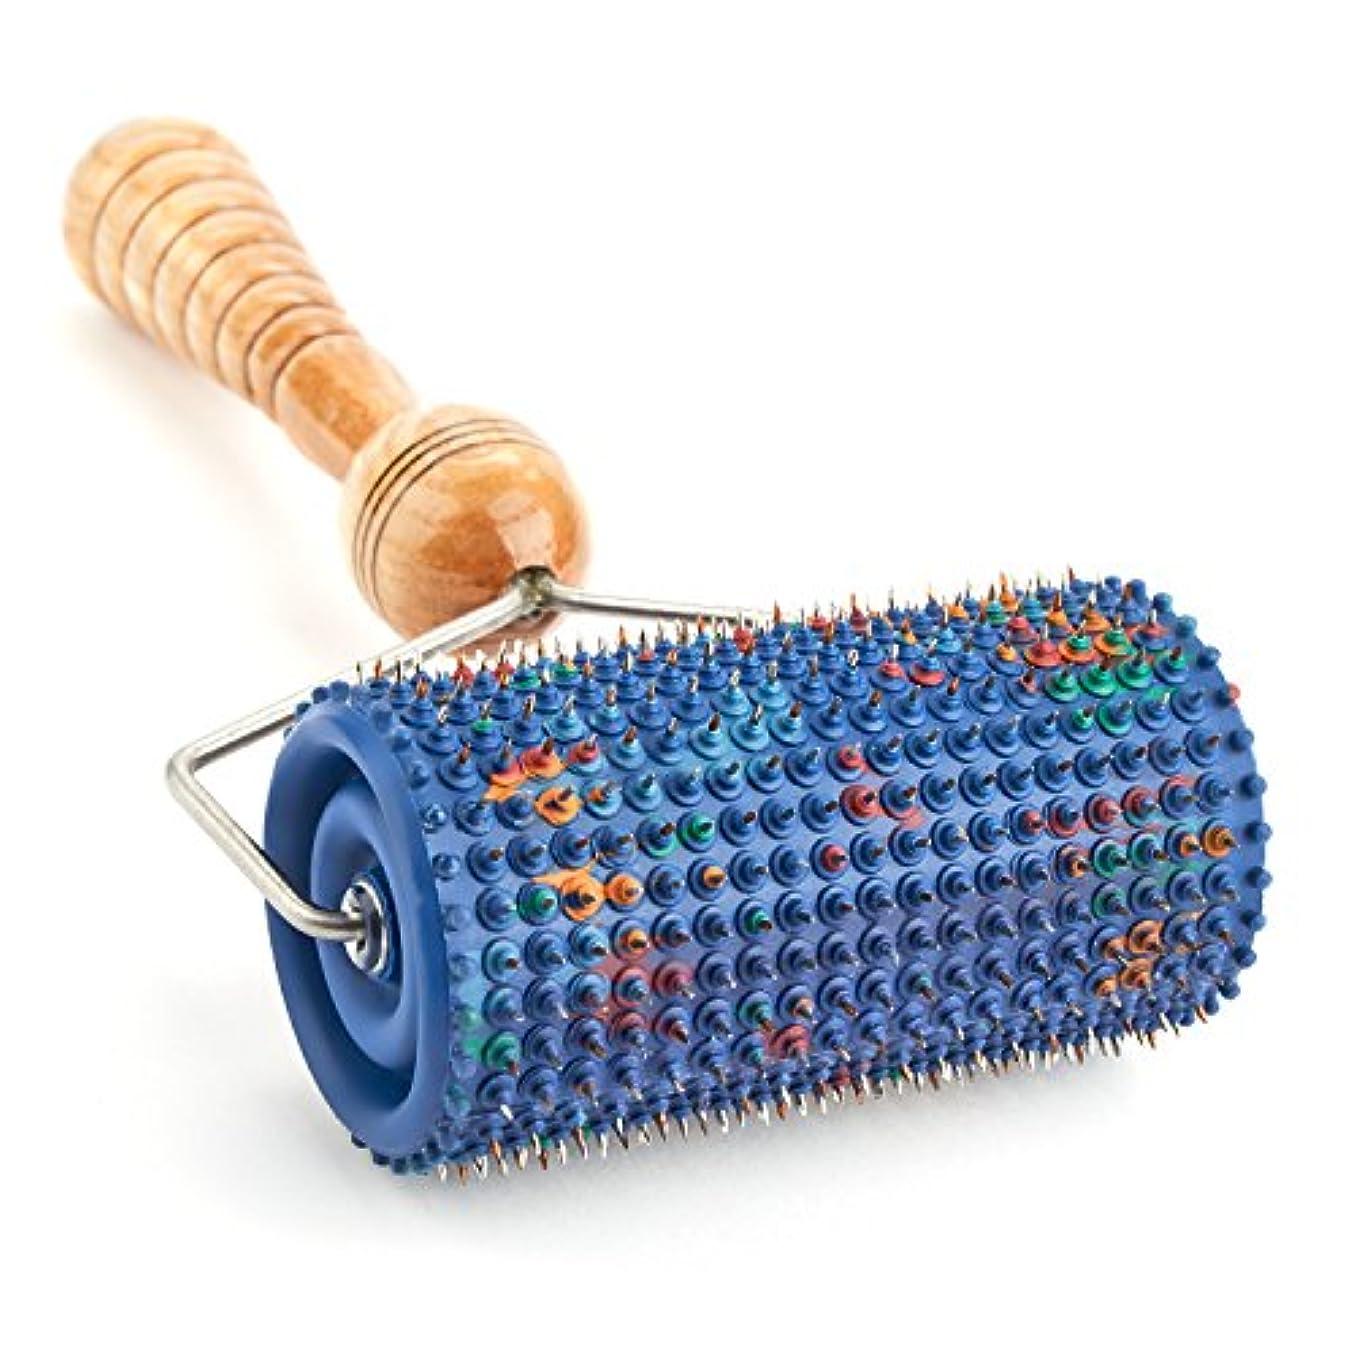 おばあさん列挙するホットLYAPKOビッグローラーマッサージャー5.0 シルバーコーティング 指圧570針使用。体の広範囲のマッサージ用。ユニークなアプリケーター治療 セルフ ダイナミック マッサージ ツール Big Roller Massager...